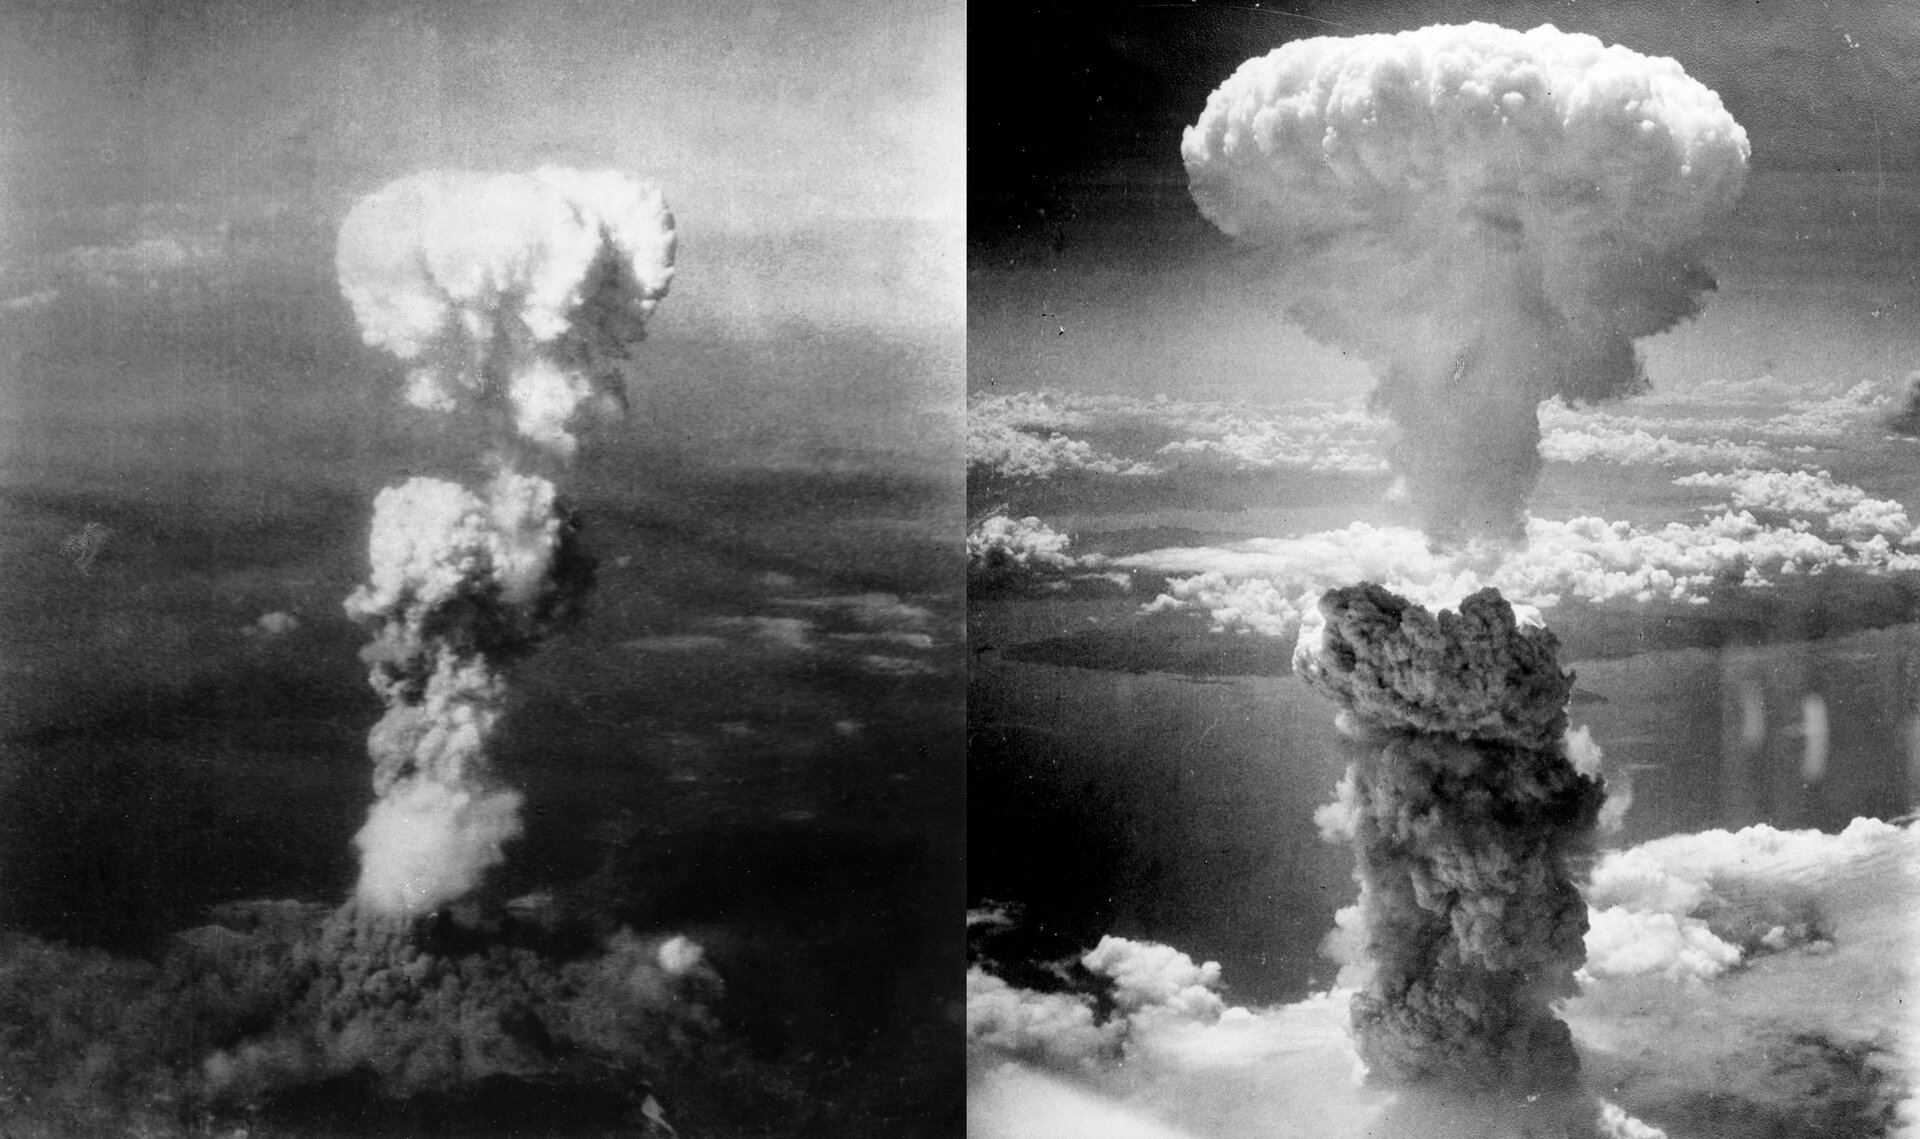 Dwa czarno białe zdjęcia chmury atomowej po zrzuceniu bomby na Nagasaki wykonane zpowietrza. Zdjęcie po lewej przedstawia chmurę atomową nad Nagasaki. Chmura nad samą Ziemią jest czarna. Noga chmury, tak zwany komin, jest szara. Górna część chmury ma kształt kapelusza. Całość to grzyb atomowy. Zdjęcie po prawej stronie przedstawia zbliżenie na komin chmury igórną cześć kopuły. Komin chmury ma kolor szary. Nad kominem biała kopuła. Chmury tworzą grzyb atomowy.